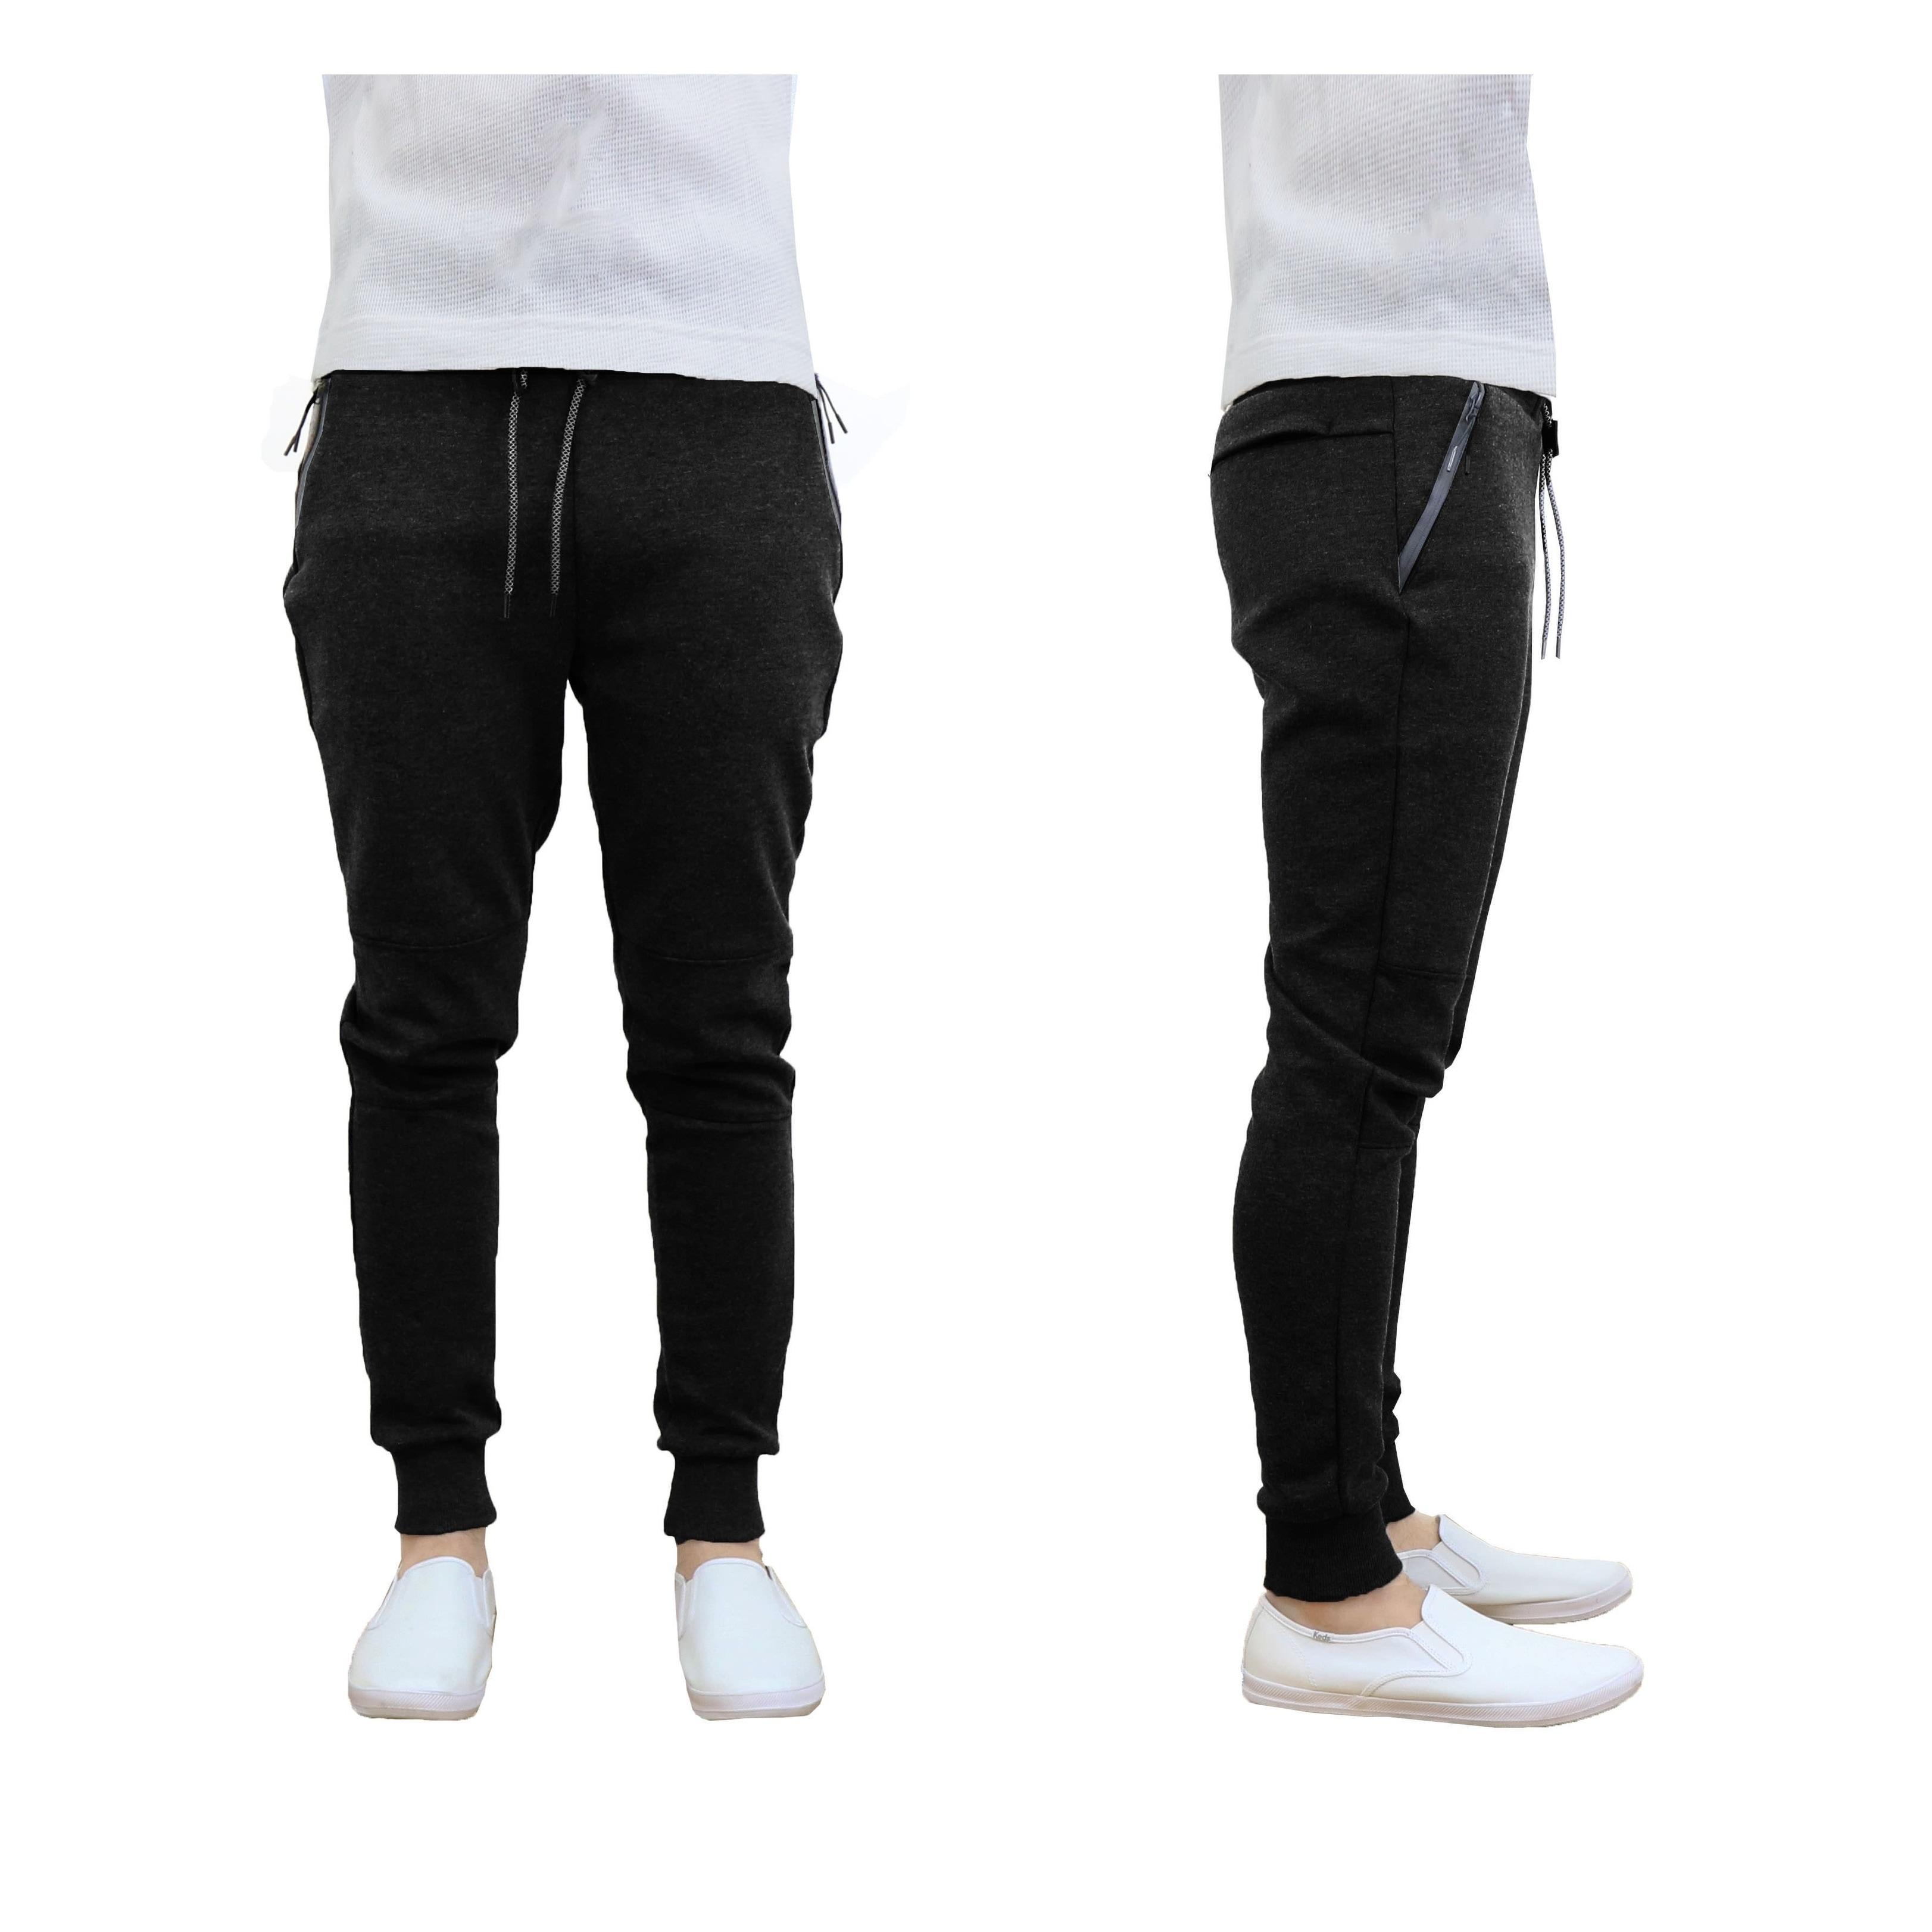 NEW Mens Hanes Sweatpants 2XL Black GRAY Sweats Jogging Pants 2XL  LoungE